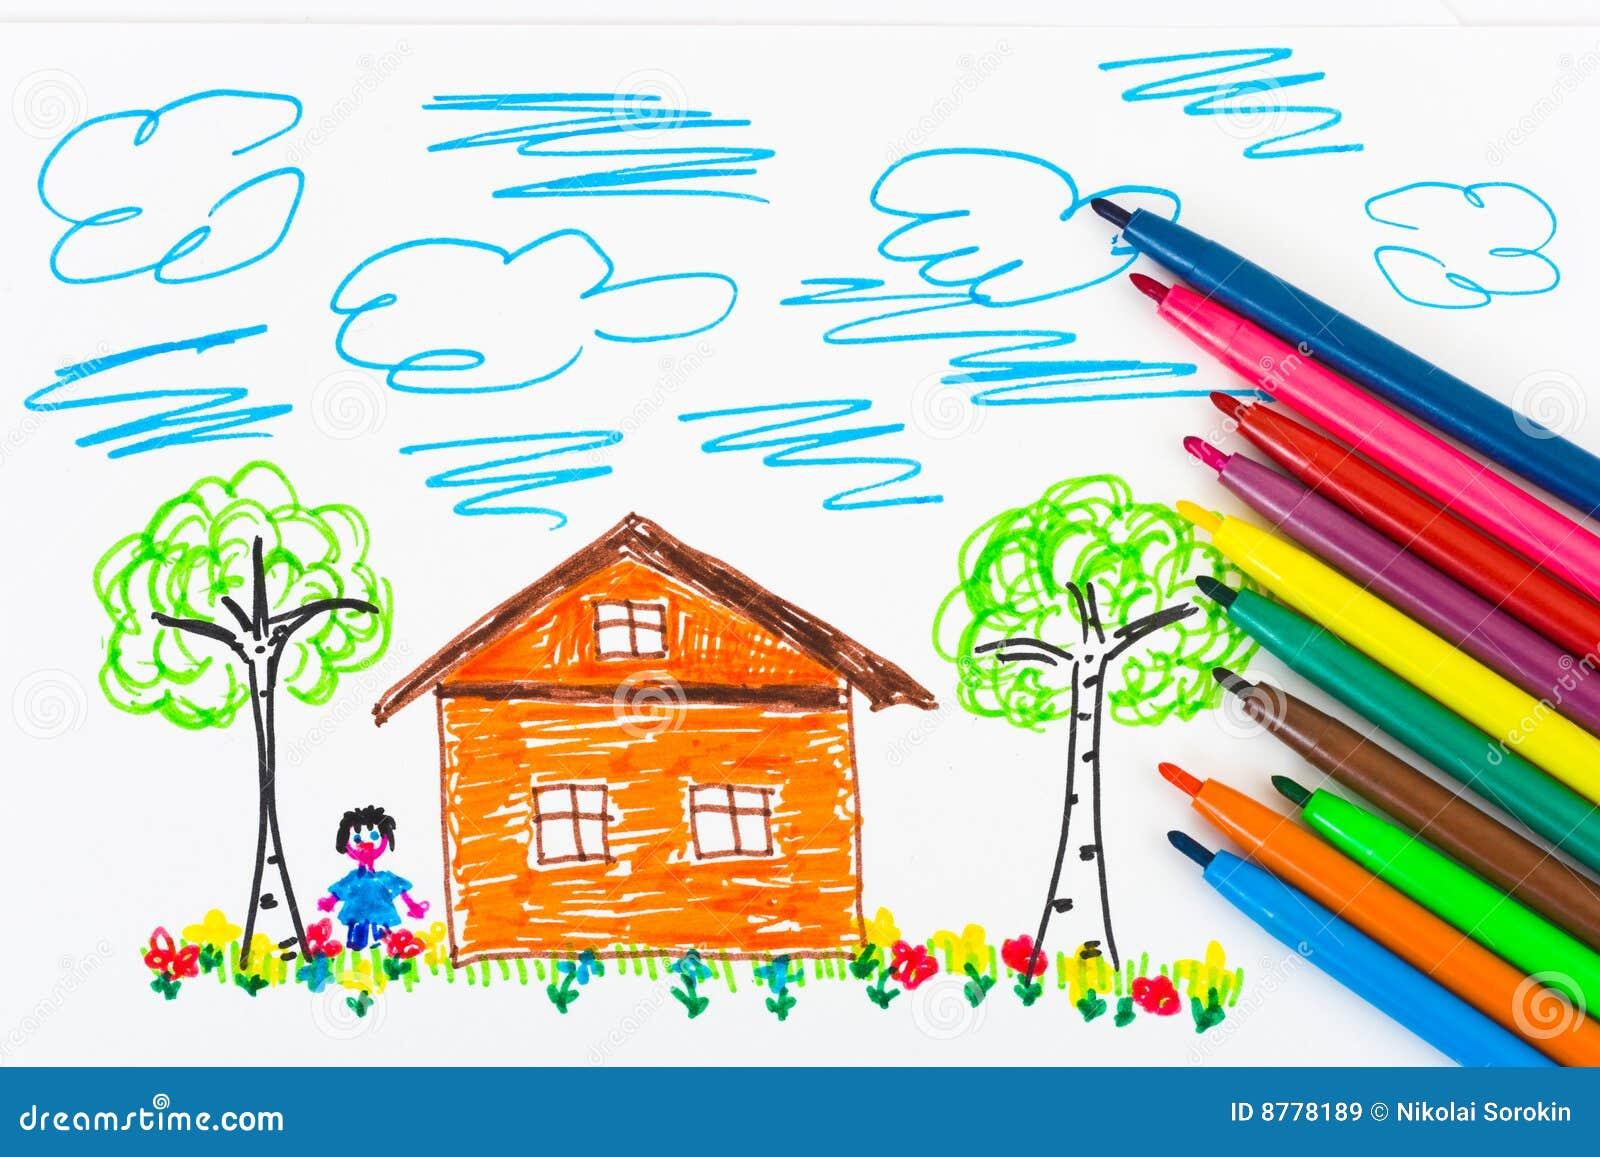 儿童画图铅笔s